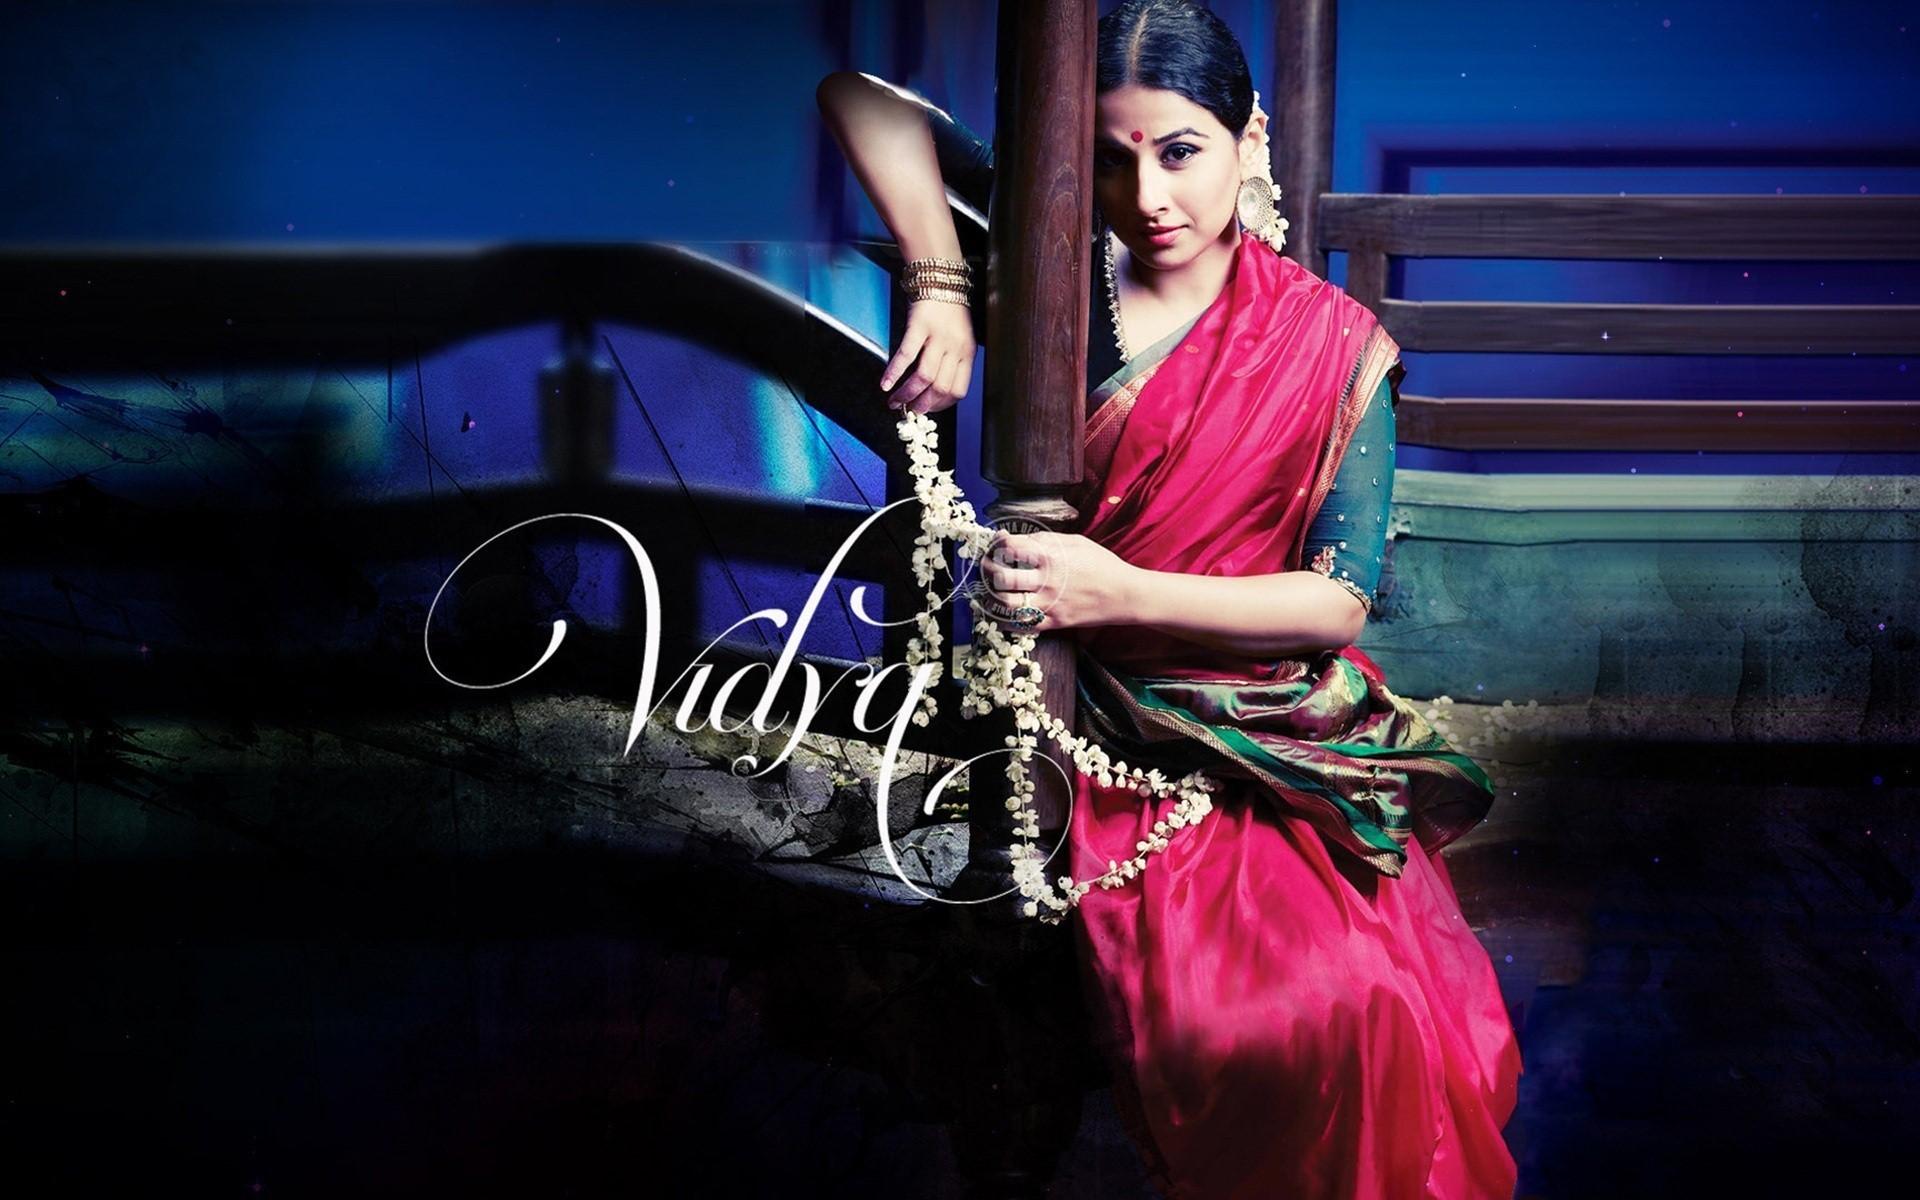 48 saree actress hd wallpapers 1080p on wallpapersafari 48 saree actress hd wallpapers 1080p